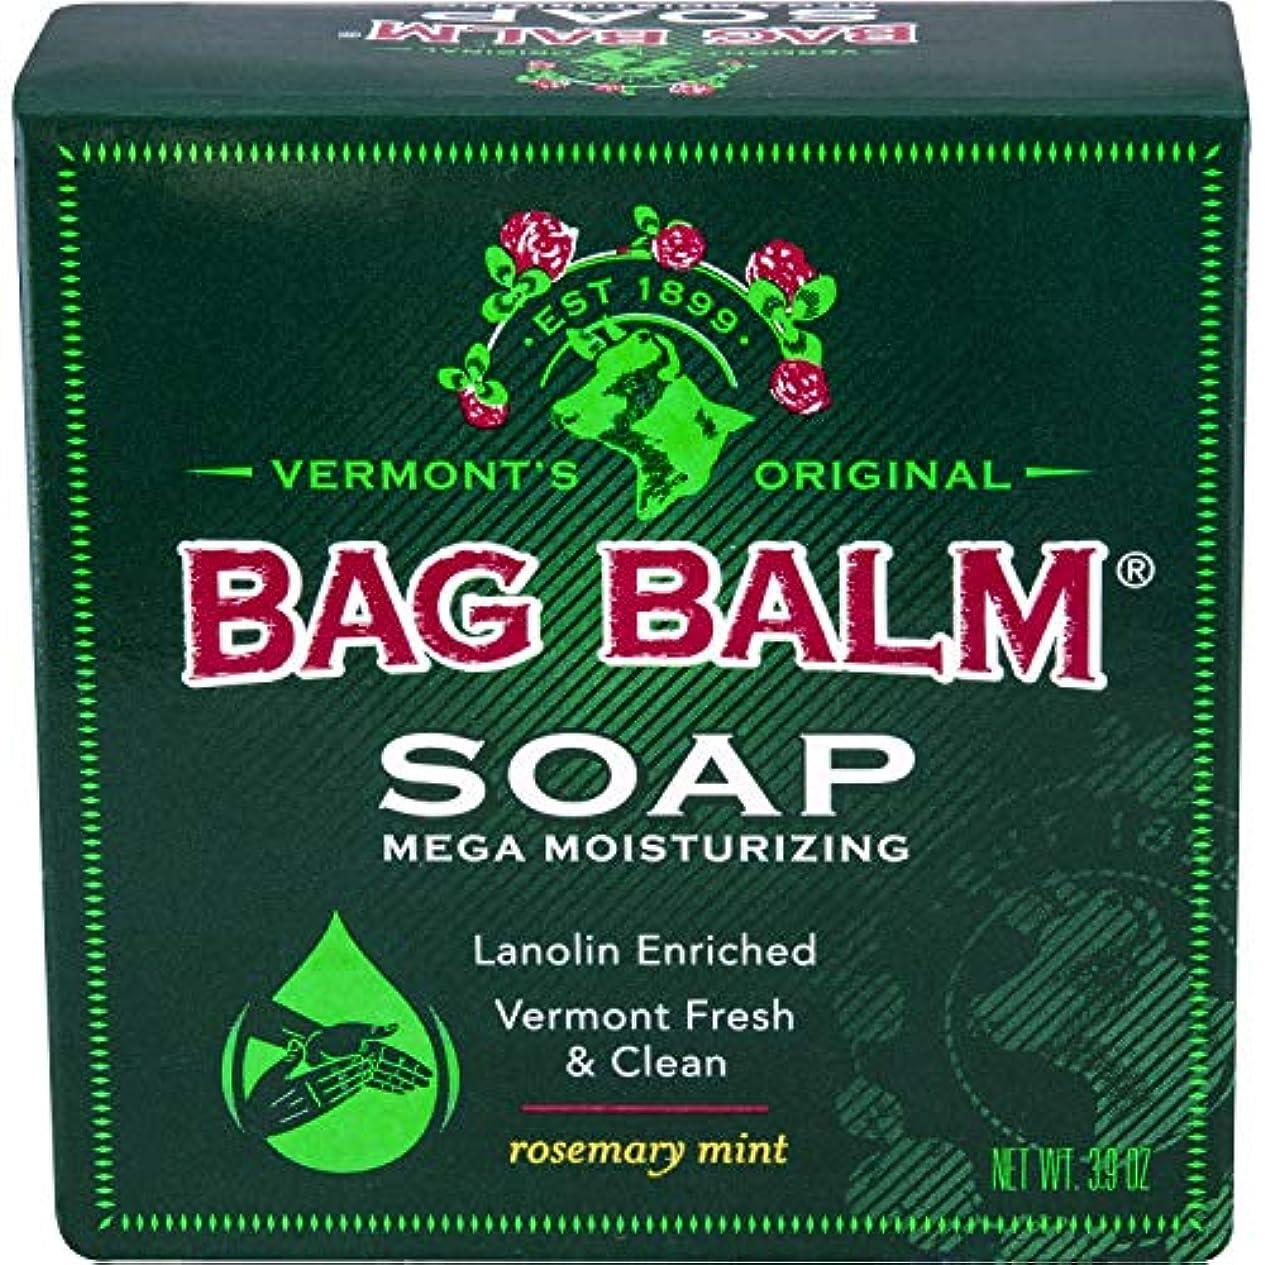 構築するピンク胃Bag Balm メガモイスチャーソープローズマリーミント3.9オンスバー(3バリューパック)